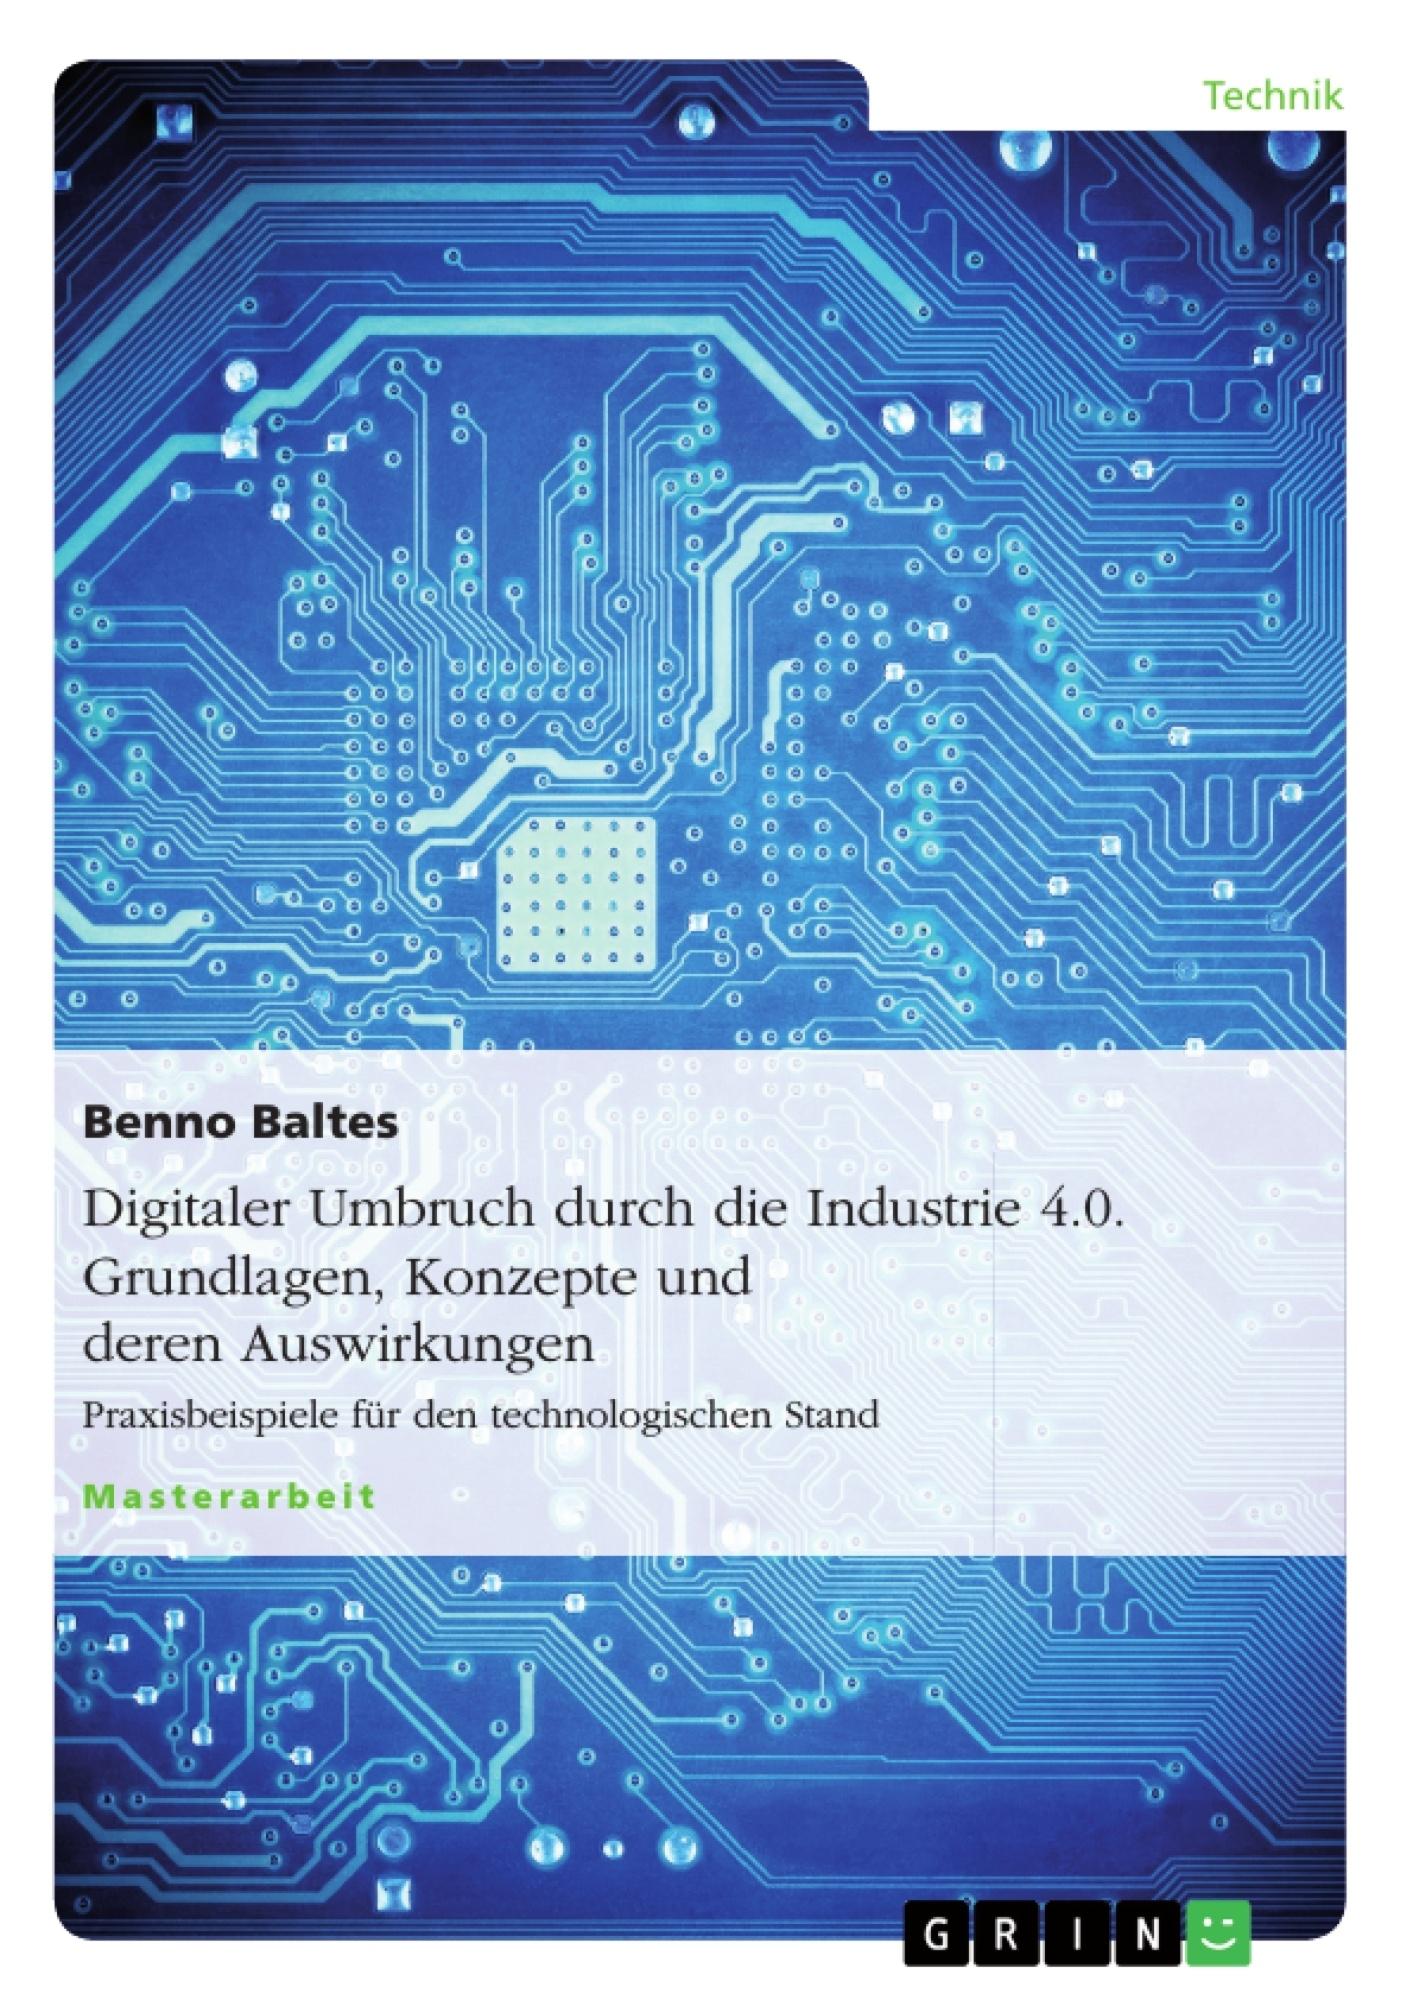 Titel: Digitaler Umbruch durch die Industrie 4.0. Grundlagen, Konzepte und deren Auswirkungen